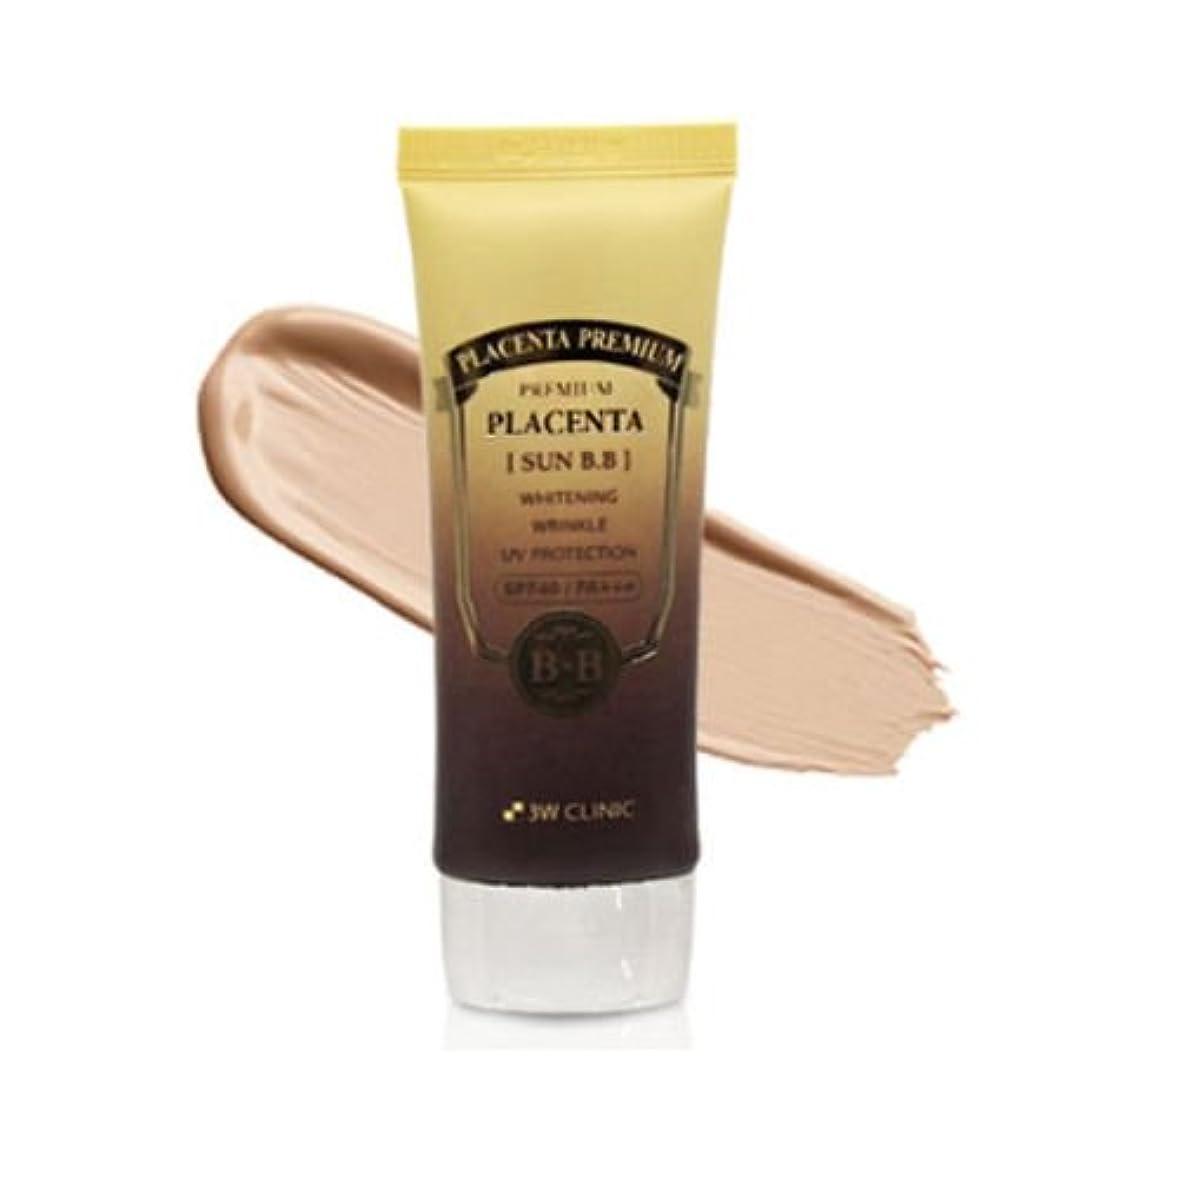 グリル脊椎曲げる3Wクリニック[韓国コスメ3w Clinic]Premium Placenta Sun BB Cream プレミアムプラセンタサンBBクリーム70ml SPF40 PA+++ UV しわ管理[並行輸入品]